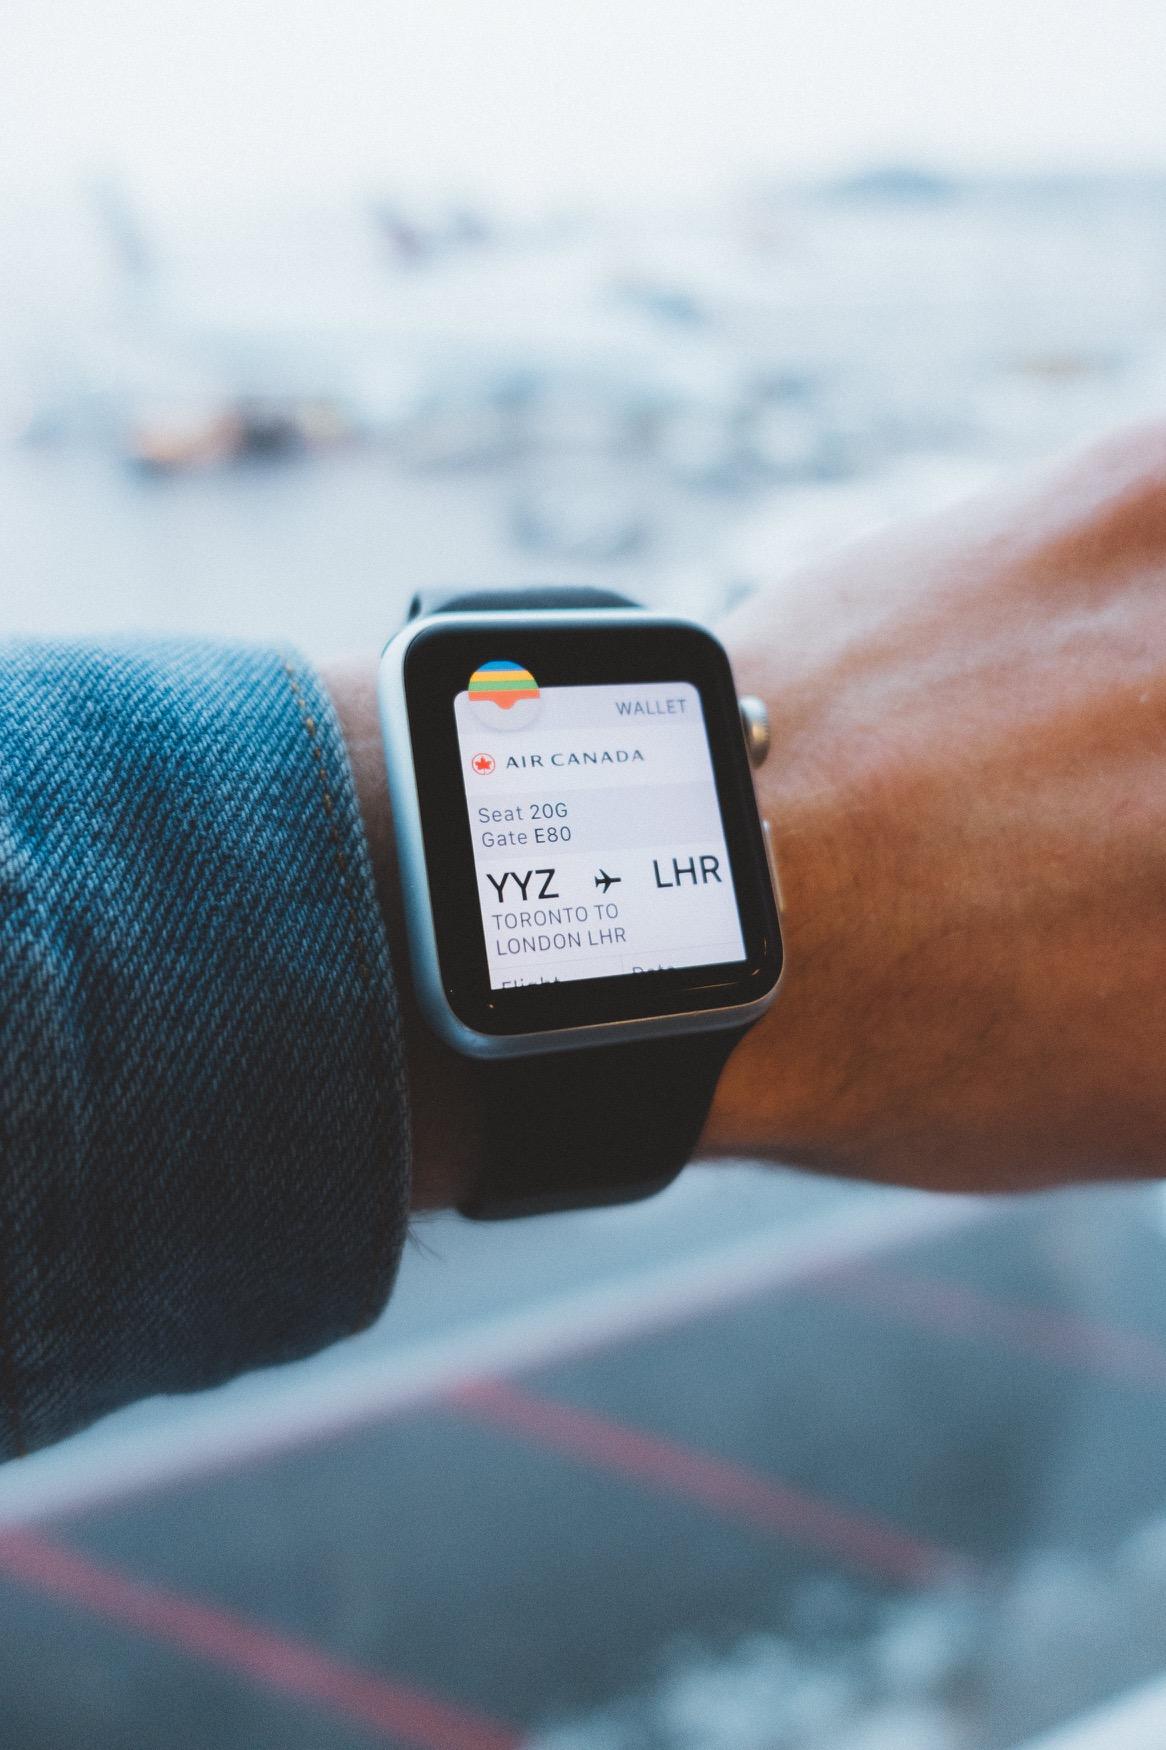 Cartão de embarque no Apple Watch